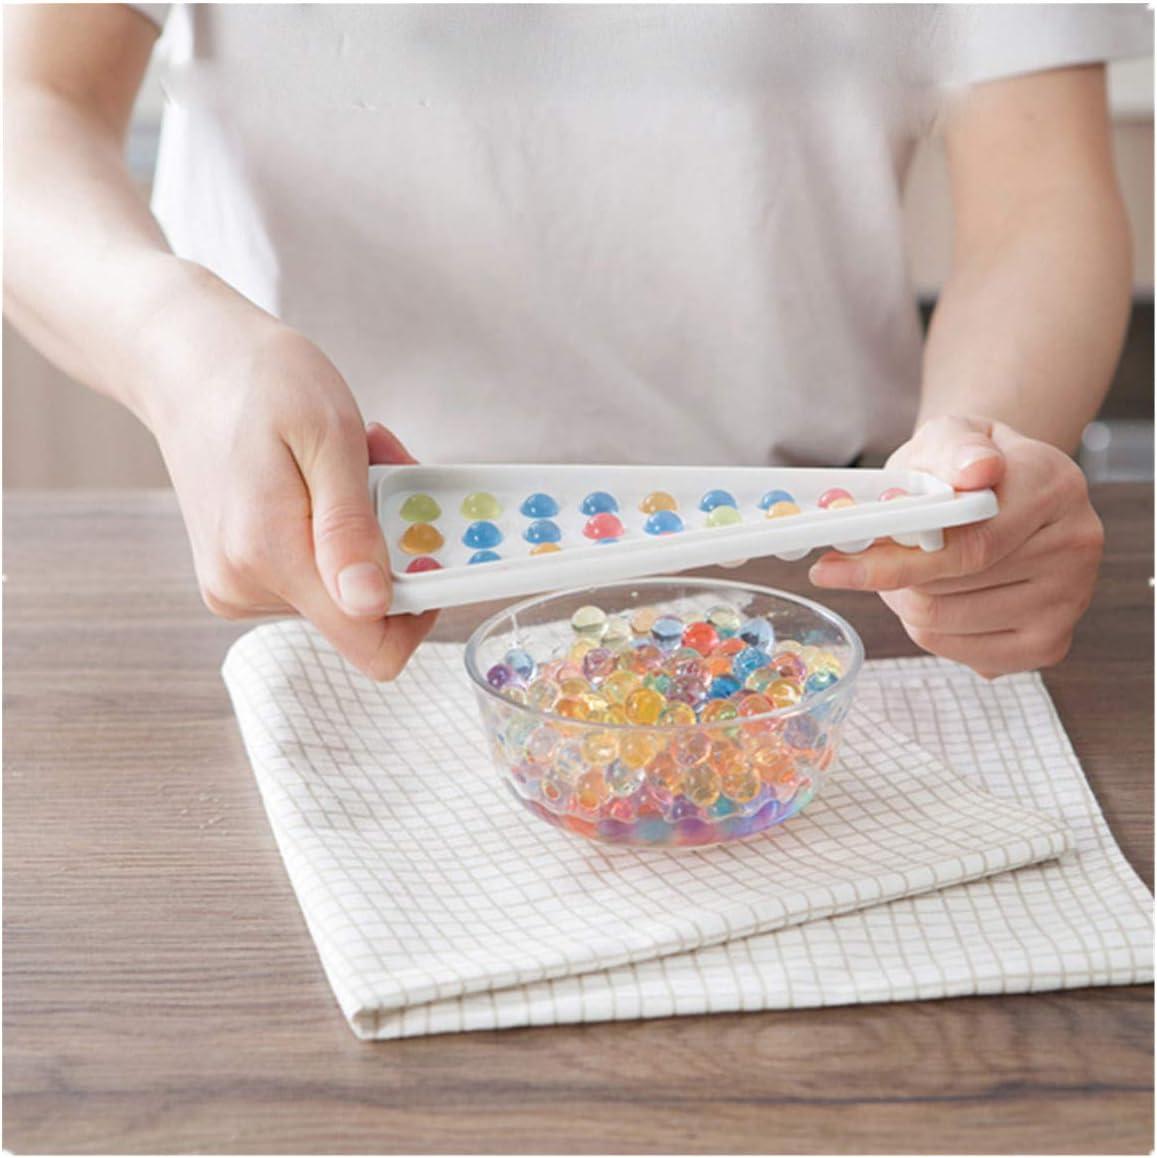 Compra Smniao Cubitera de Silicona con Tapa, 27 Colores, para ...